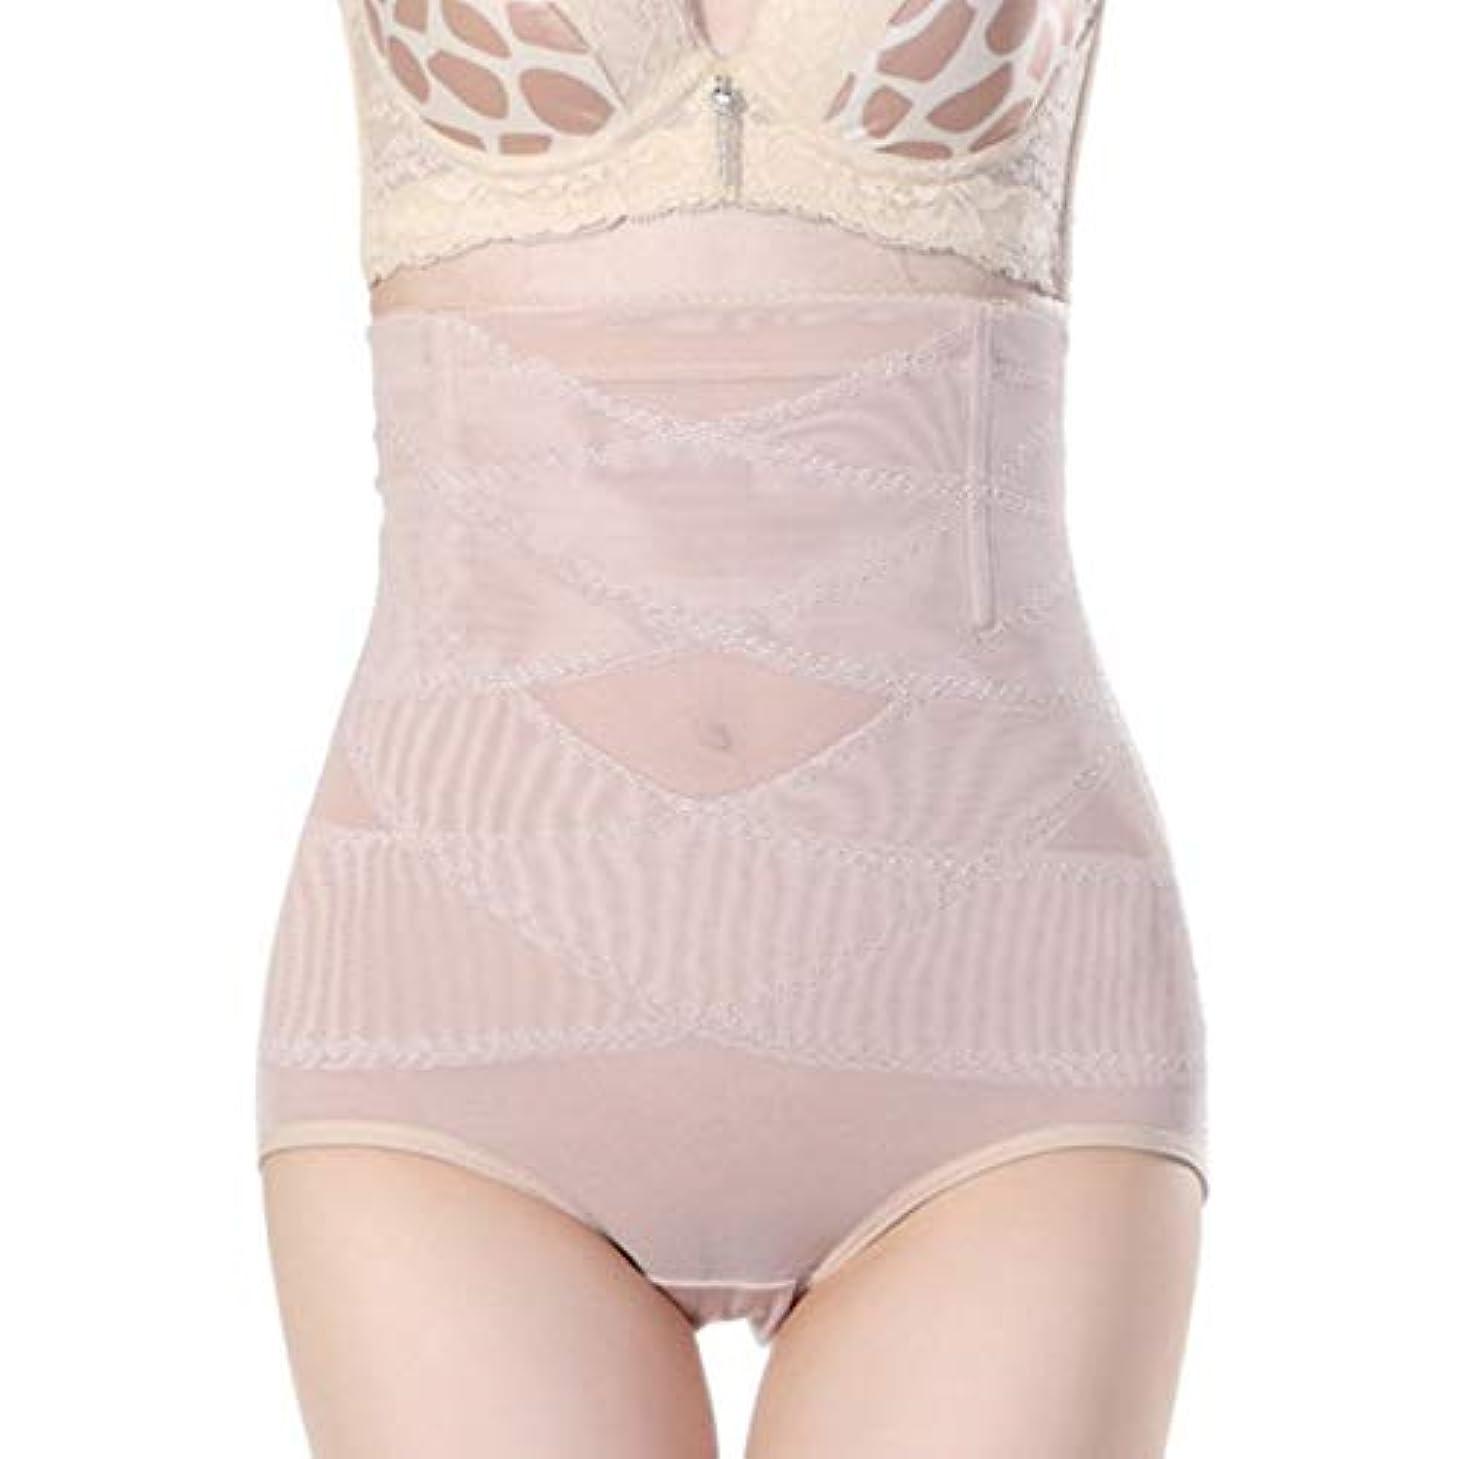 ギャップ月二層腹部制御下着シームレスおなかコントロールパンティーバットリフターボディシェイパーを痩身通気性のハイウエストの女性 - 肌色L